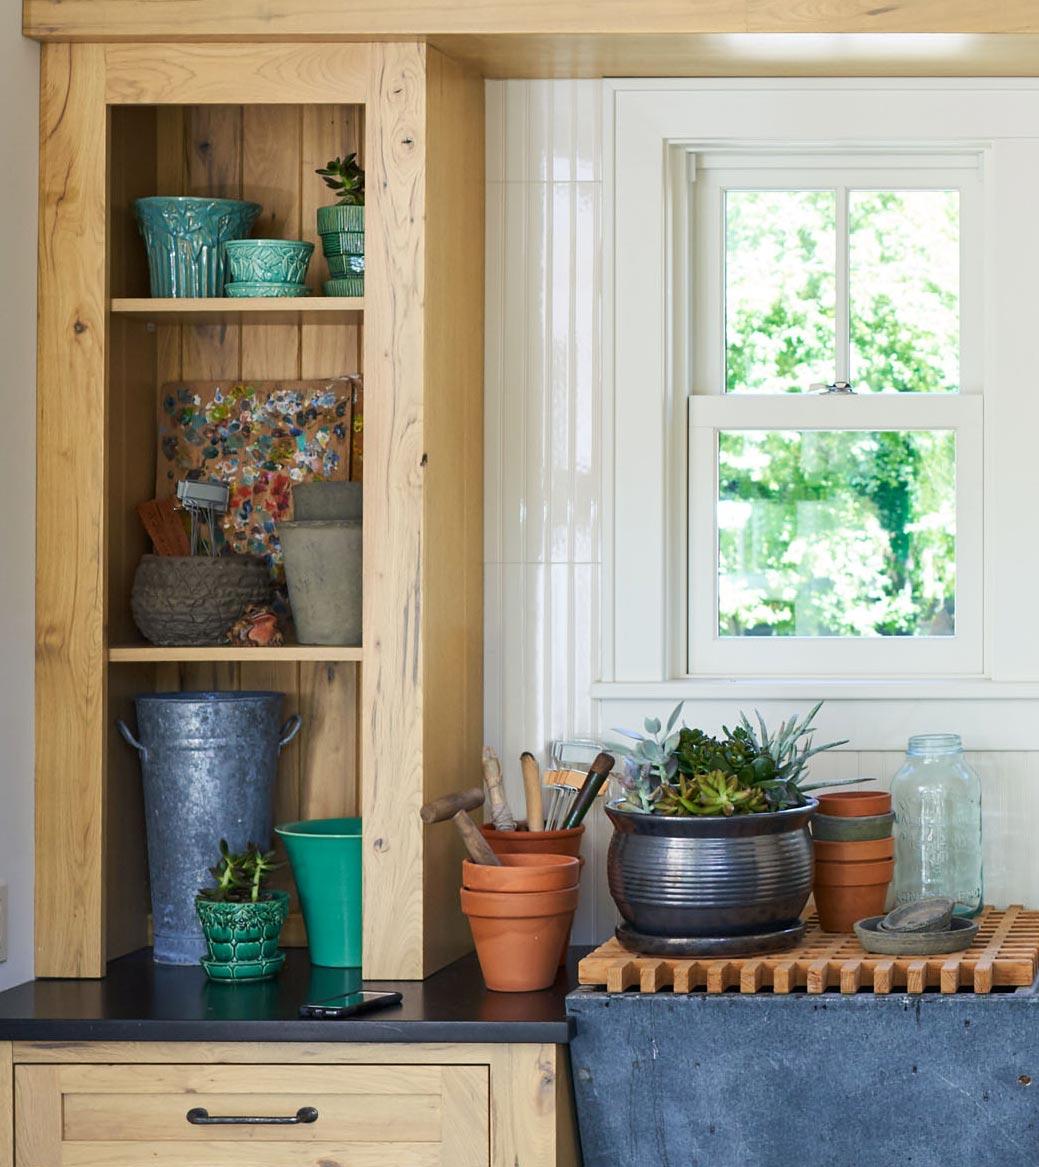 Potting shed shelves